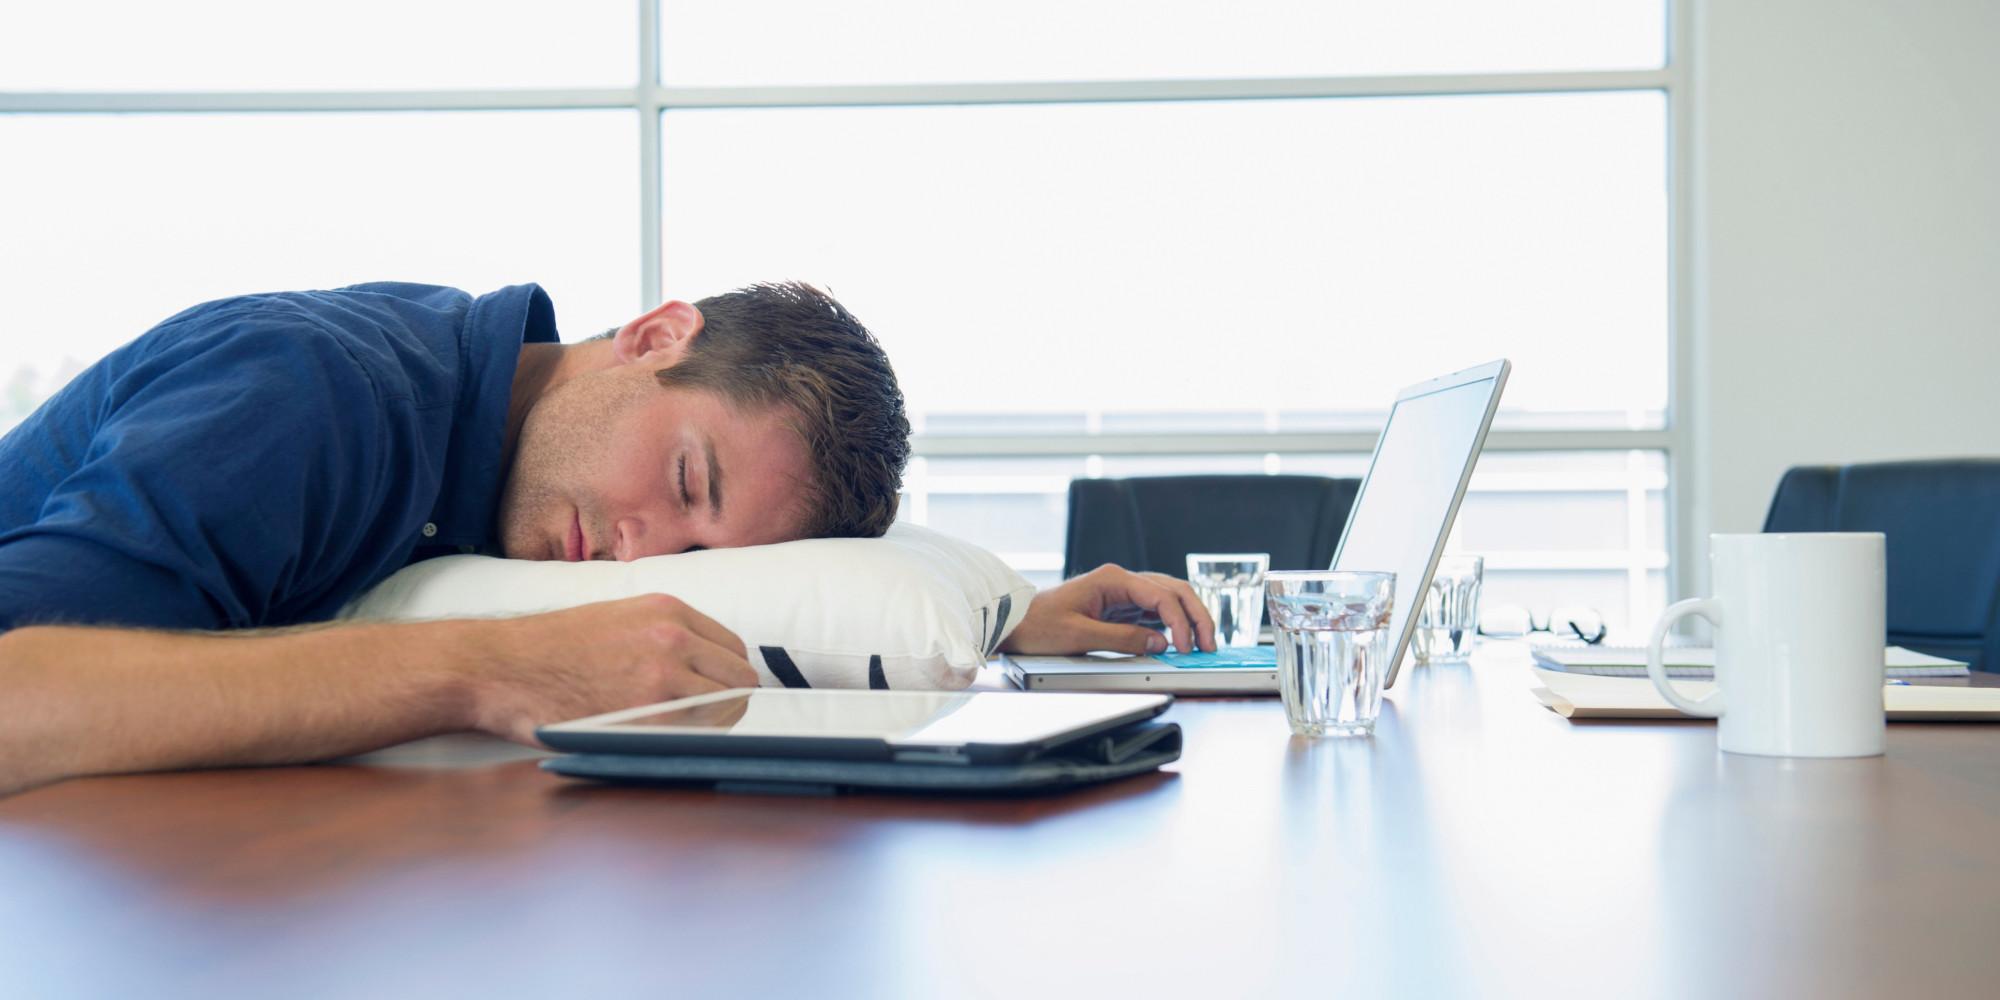 5 hacks to manage shift work huffpost. Black Bedroom Furniture Sets. Home Design Ideas